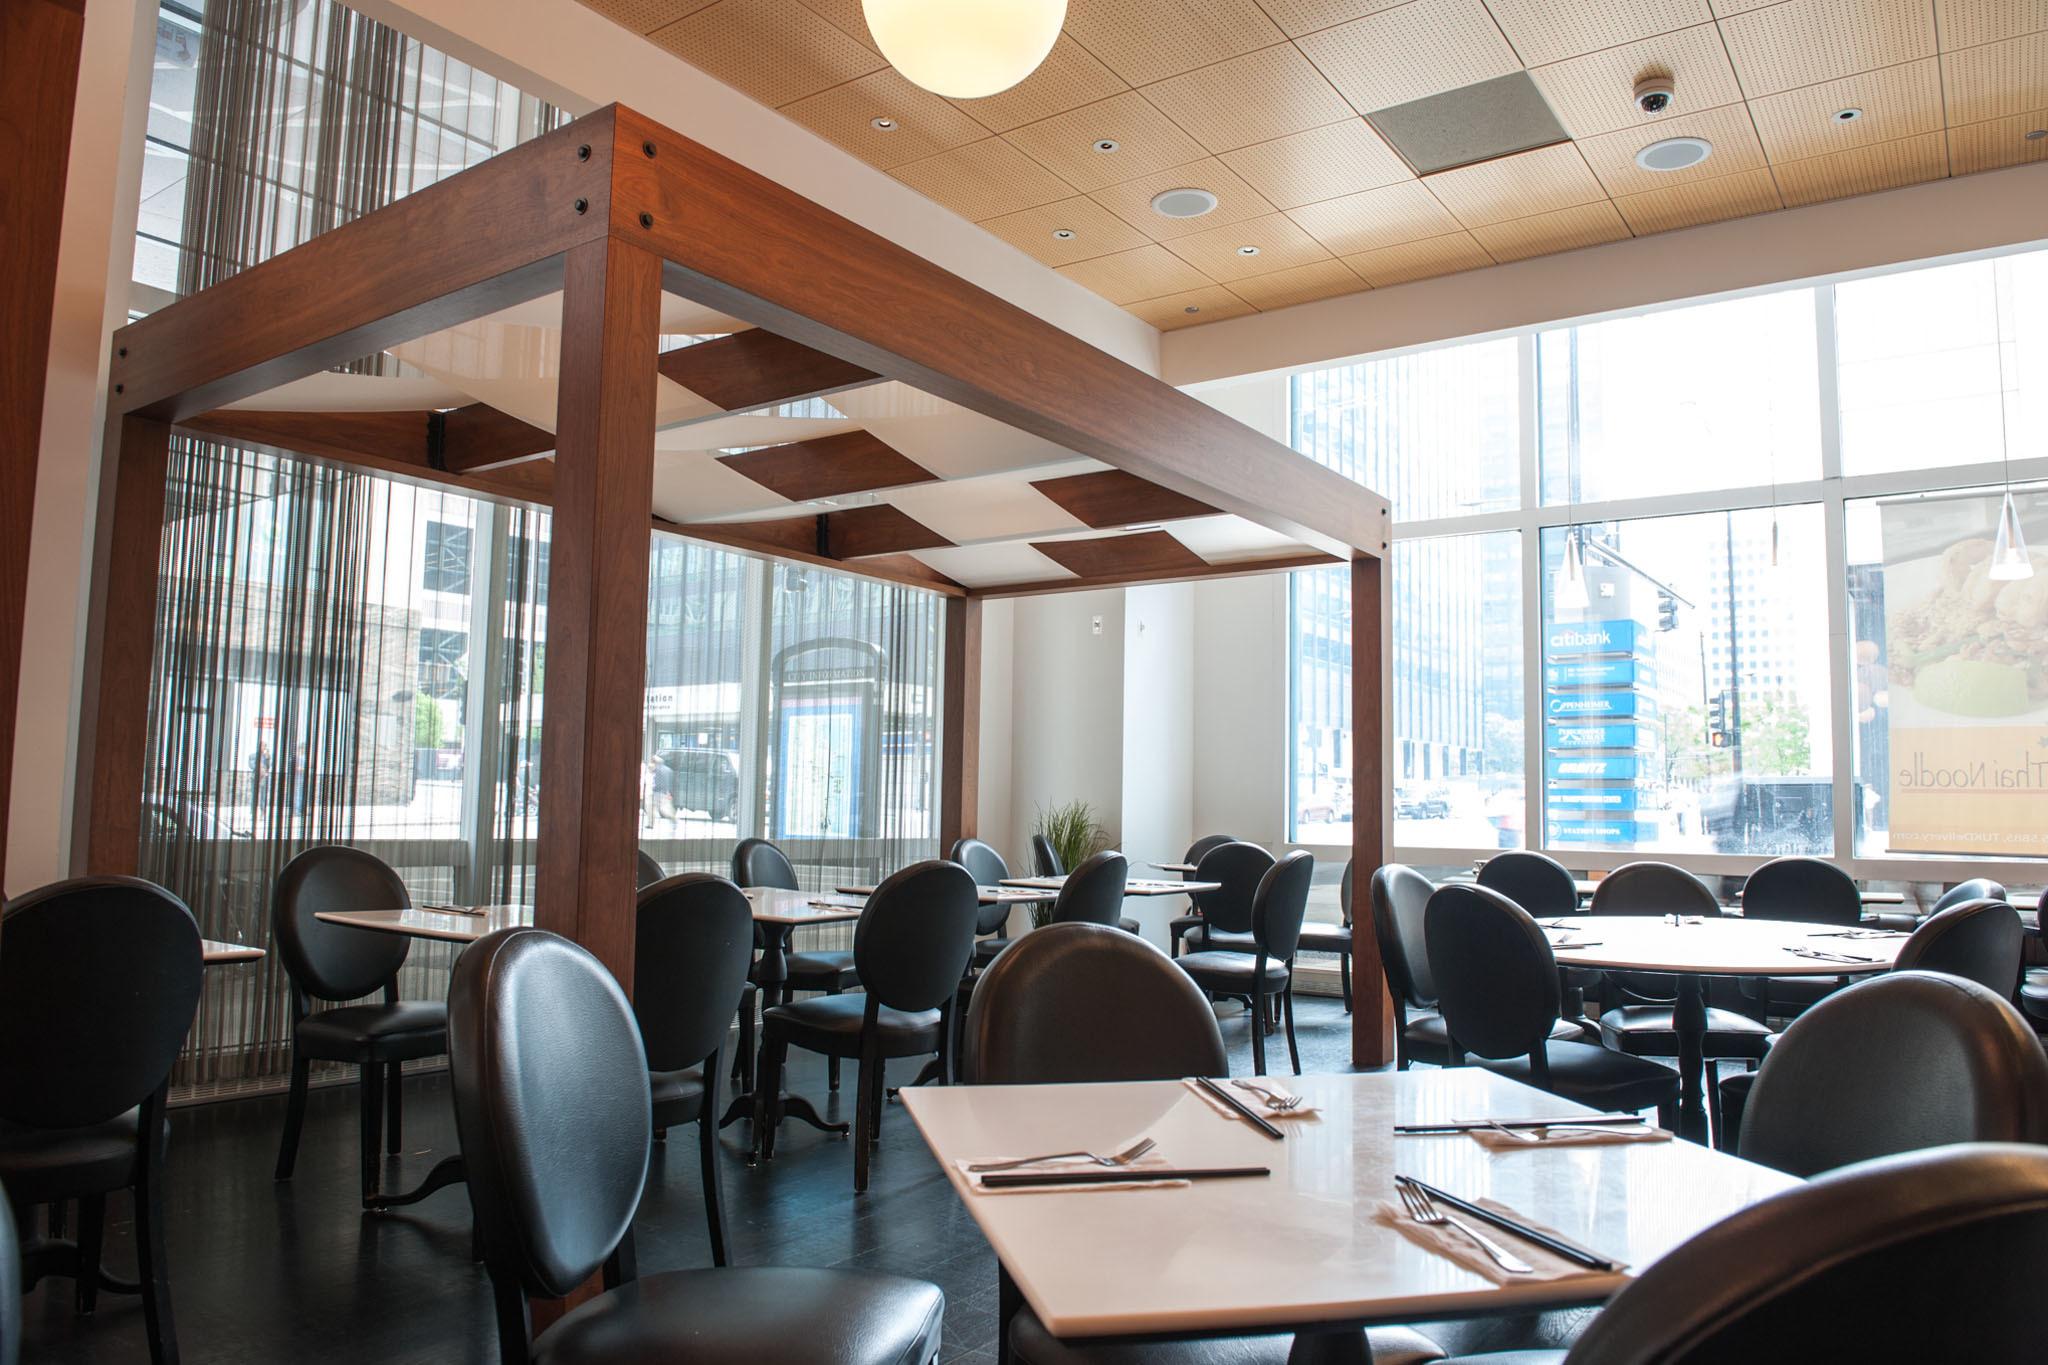 thai urban kitchen (closed) | restaurants in west loop, chicago